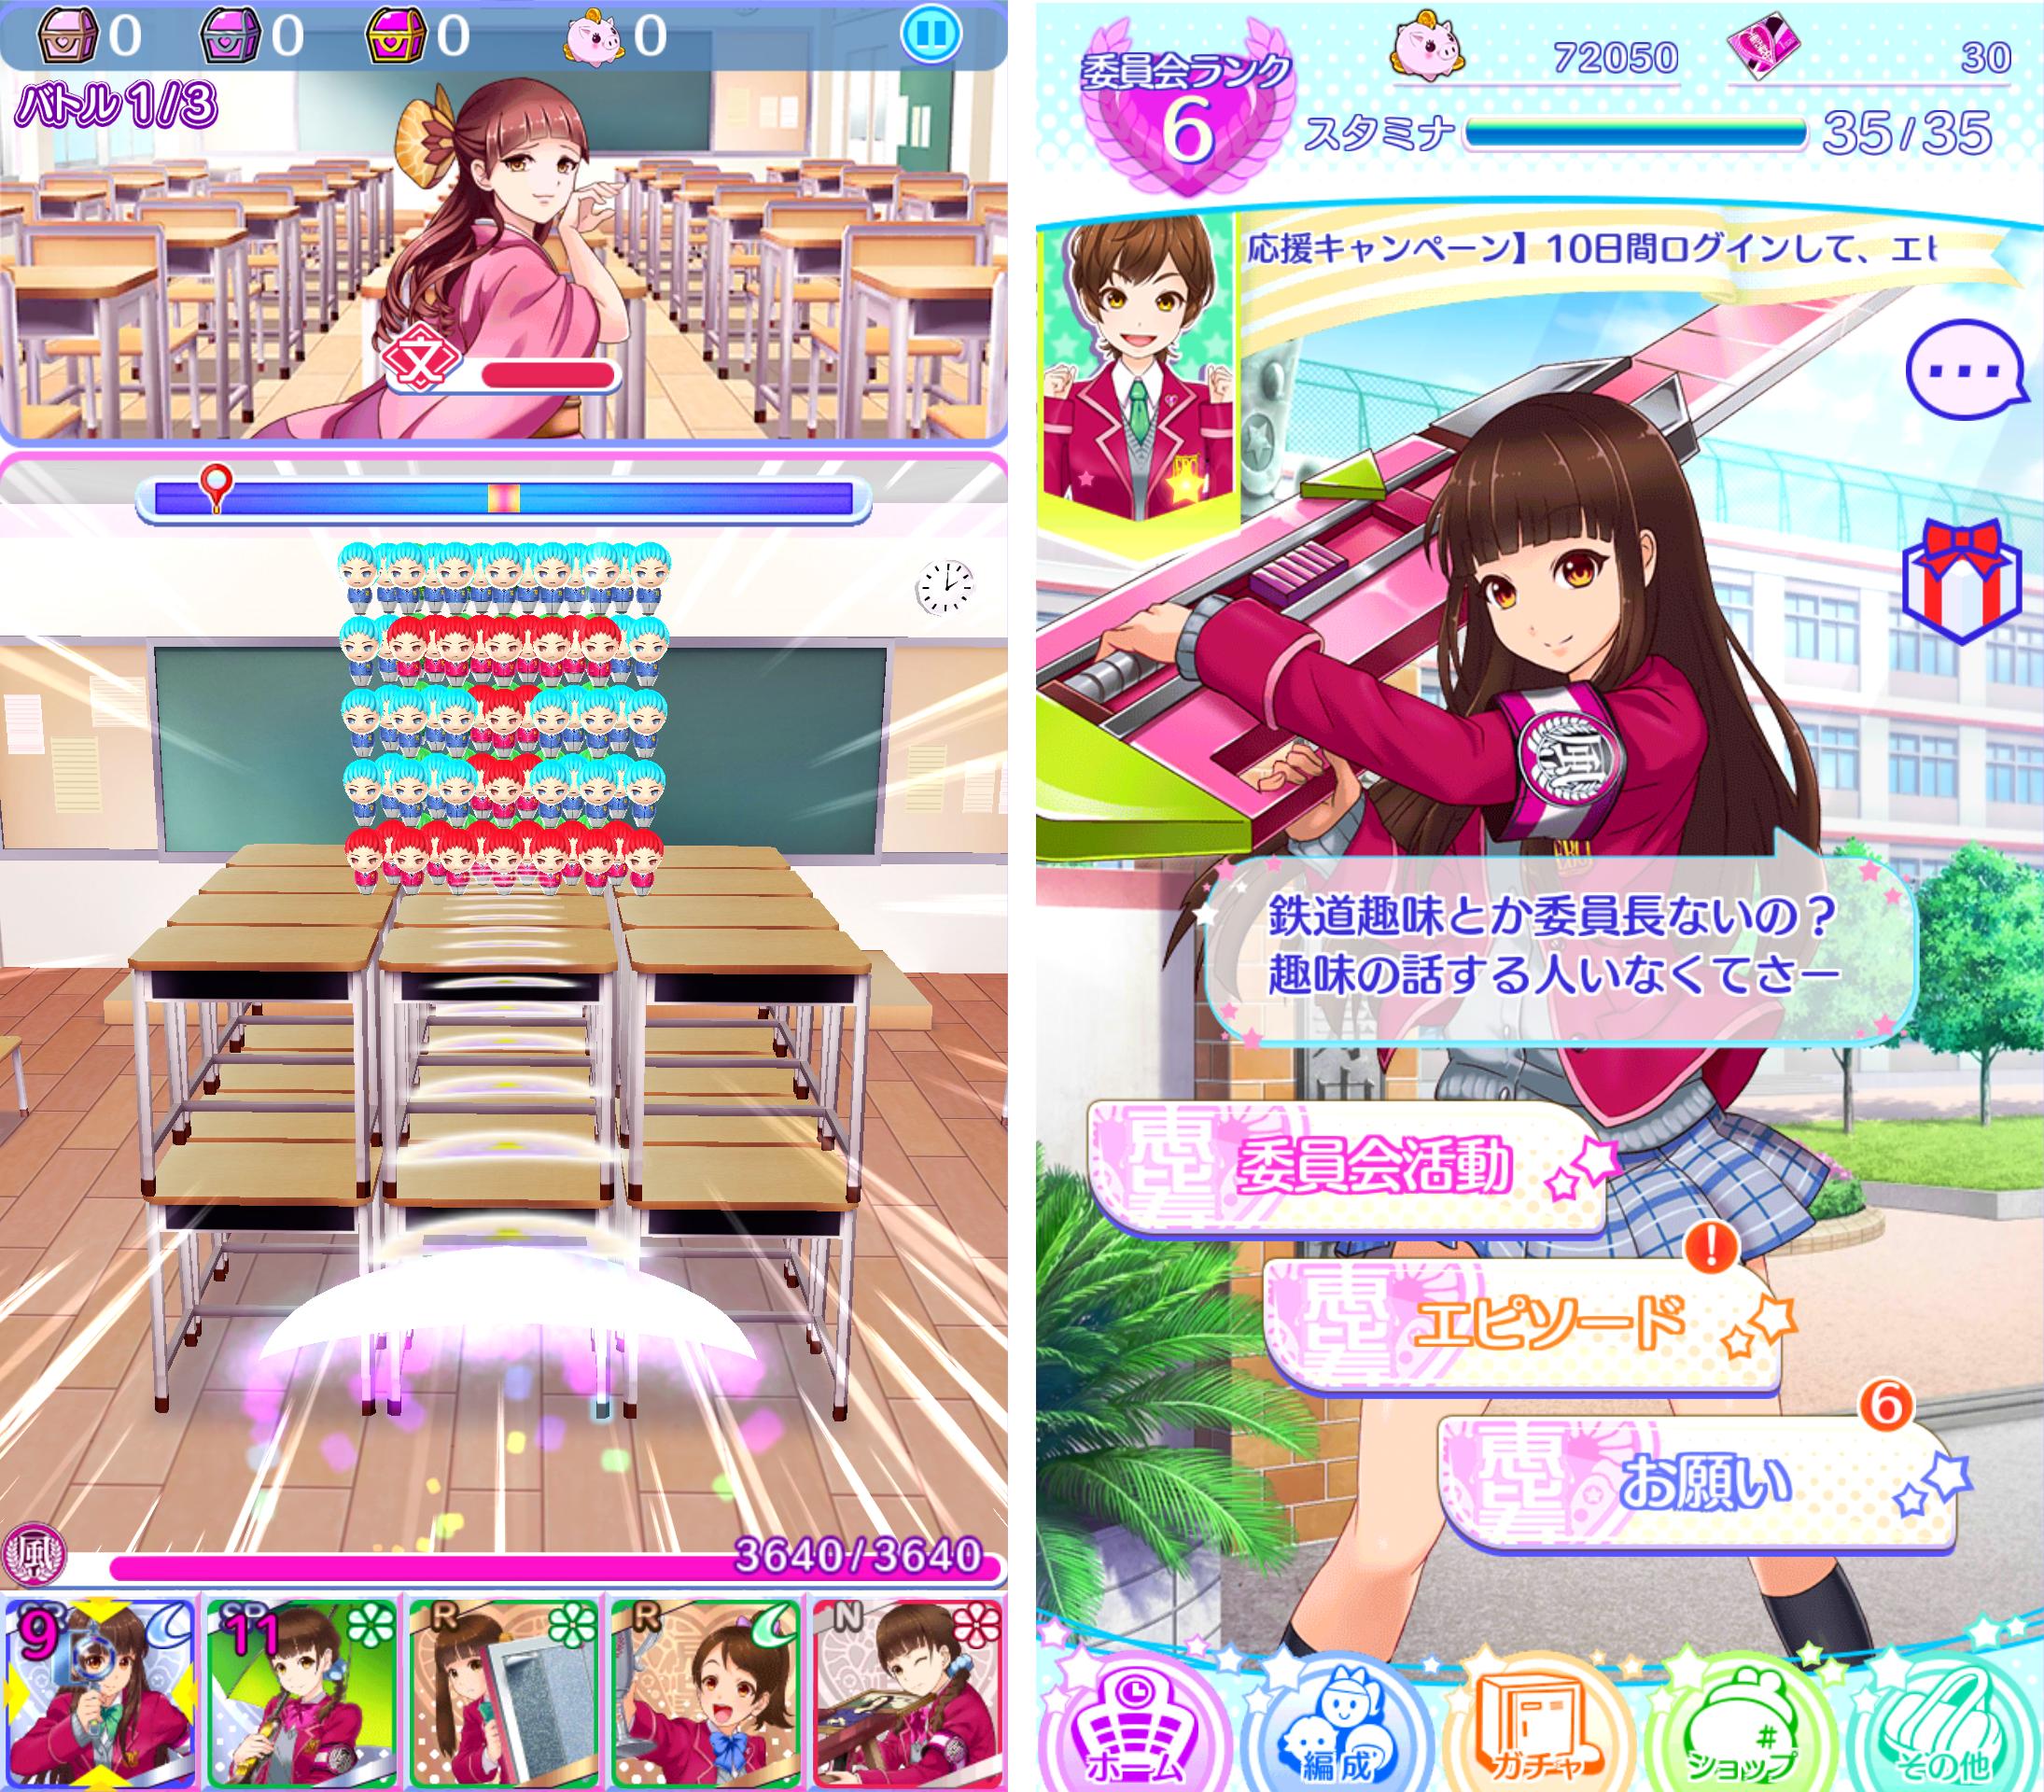 出撃!私立恵比寿中学武装風紀委員会(エビ中) androidアプリスクリーンショット1